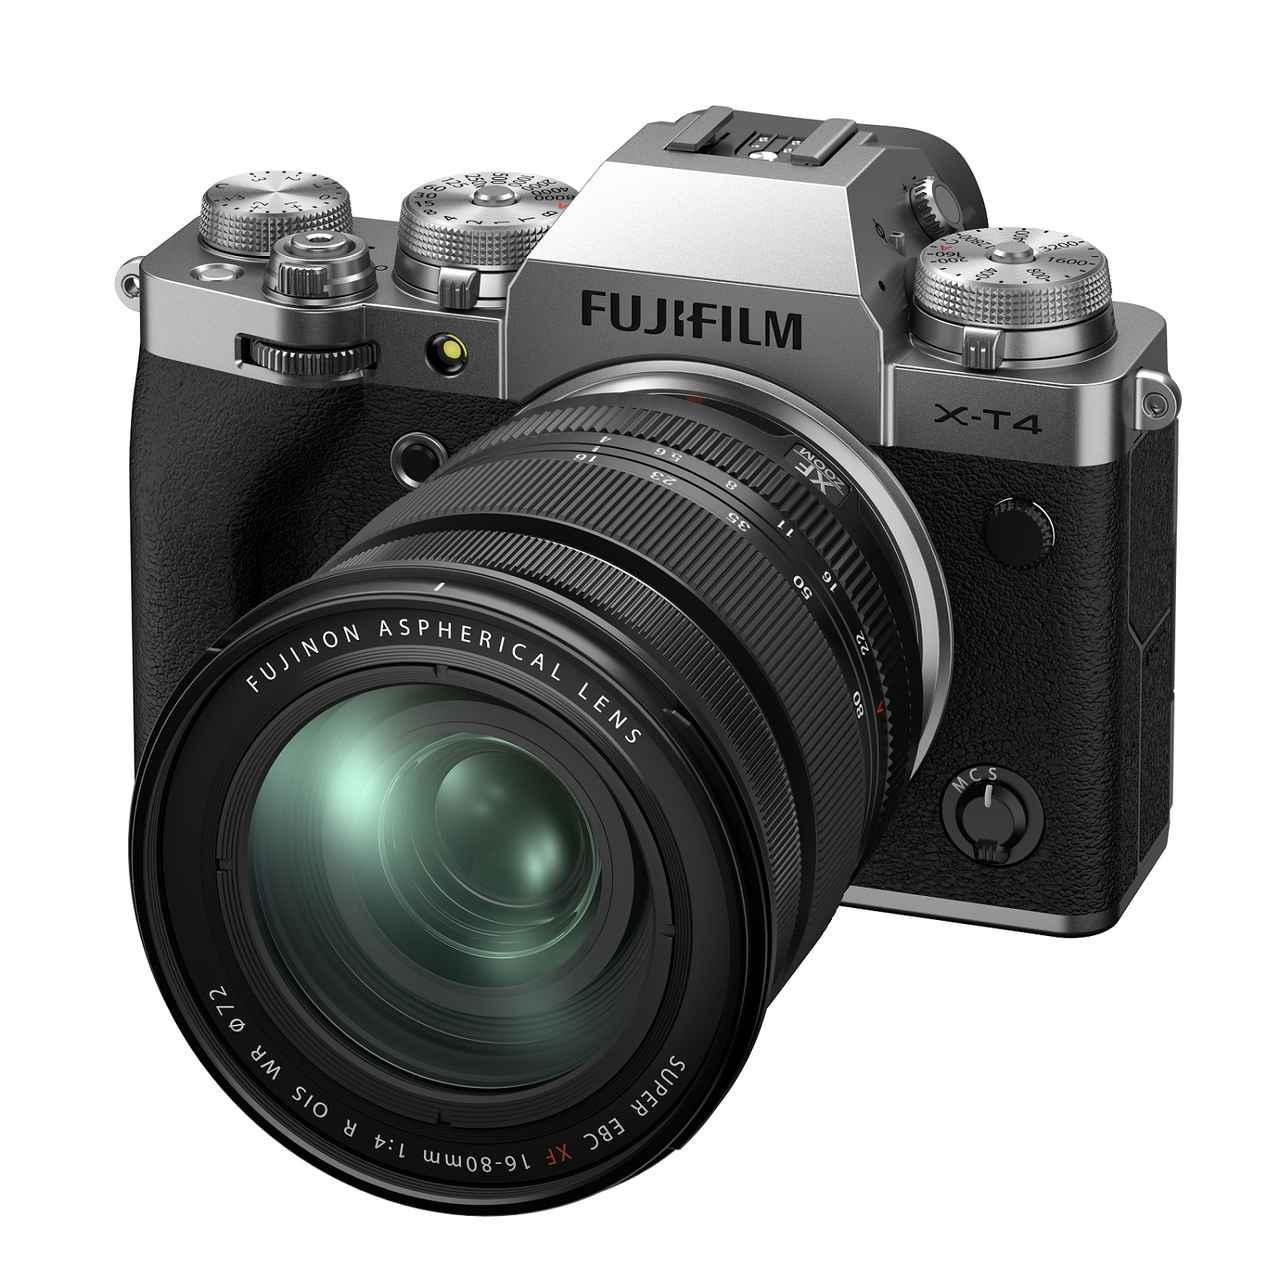 画像1: 富士フイルムはXシリーズの最新モデル「X-T4」を発表。 ボディのみ市場想定価格は20万4500円。